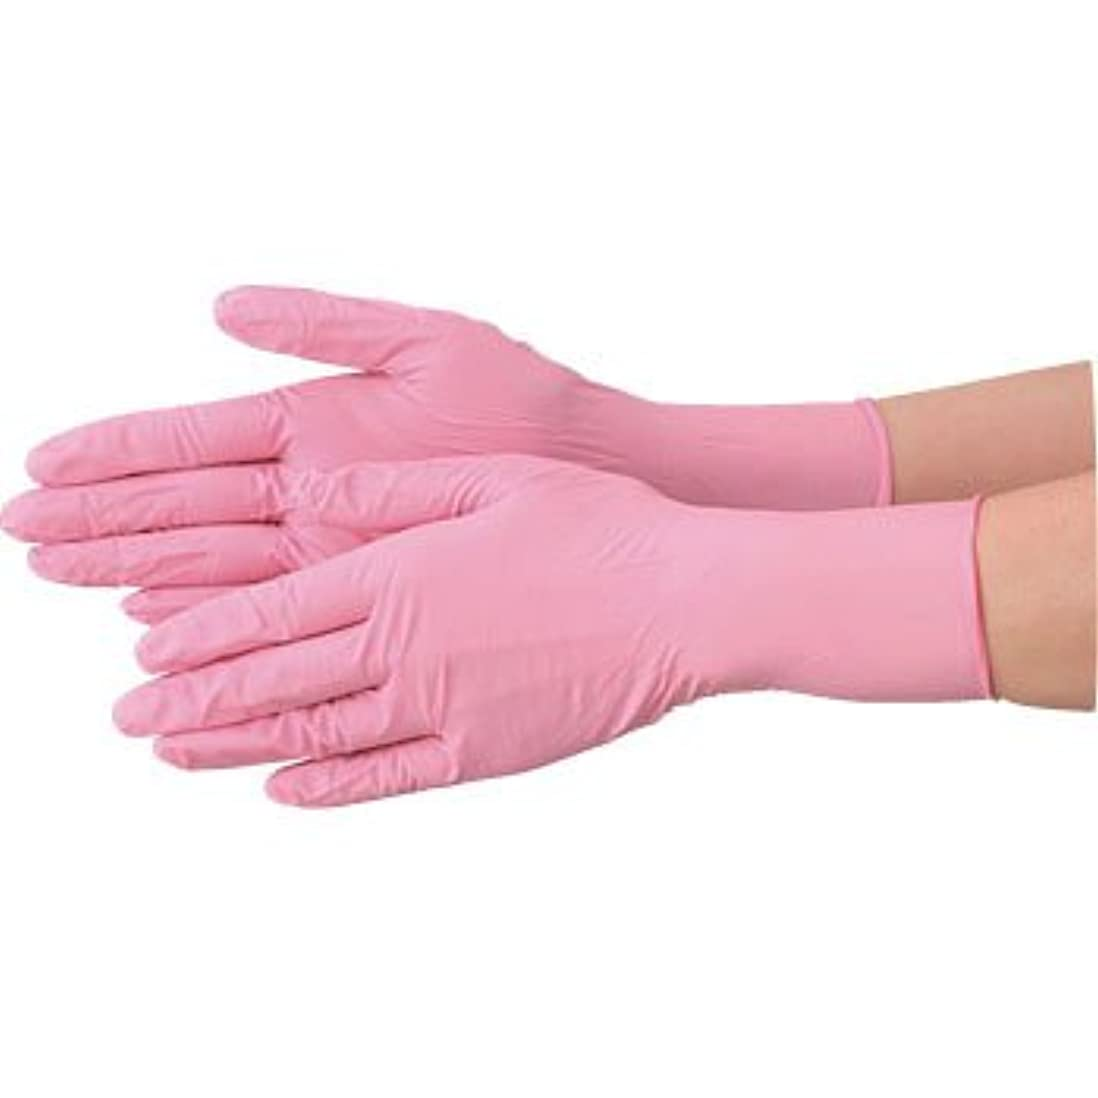 波クアッガ闇使い捨て 手袋 エブノ 570 ニトリル ピンク Sサイズ パウダーフリー 2ケース(100枚×60箱)